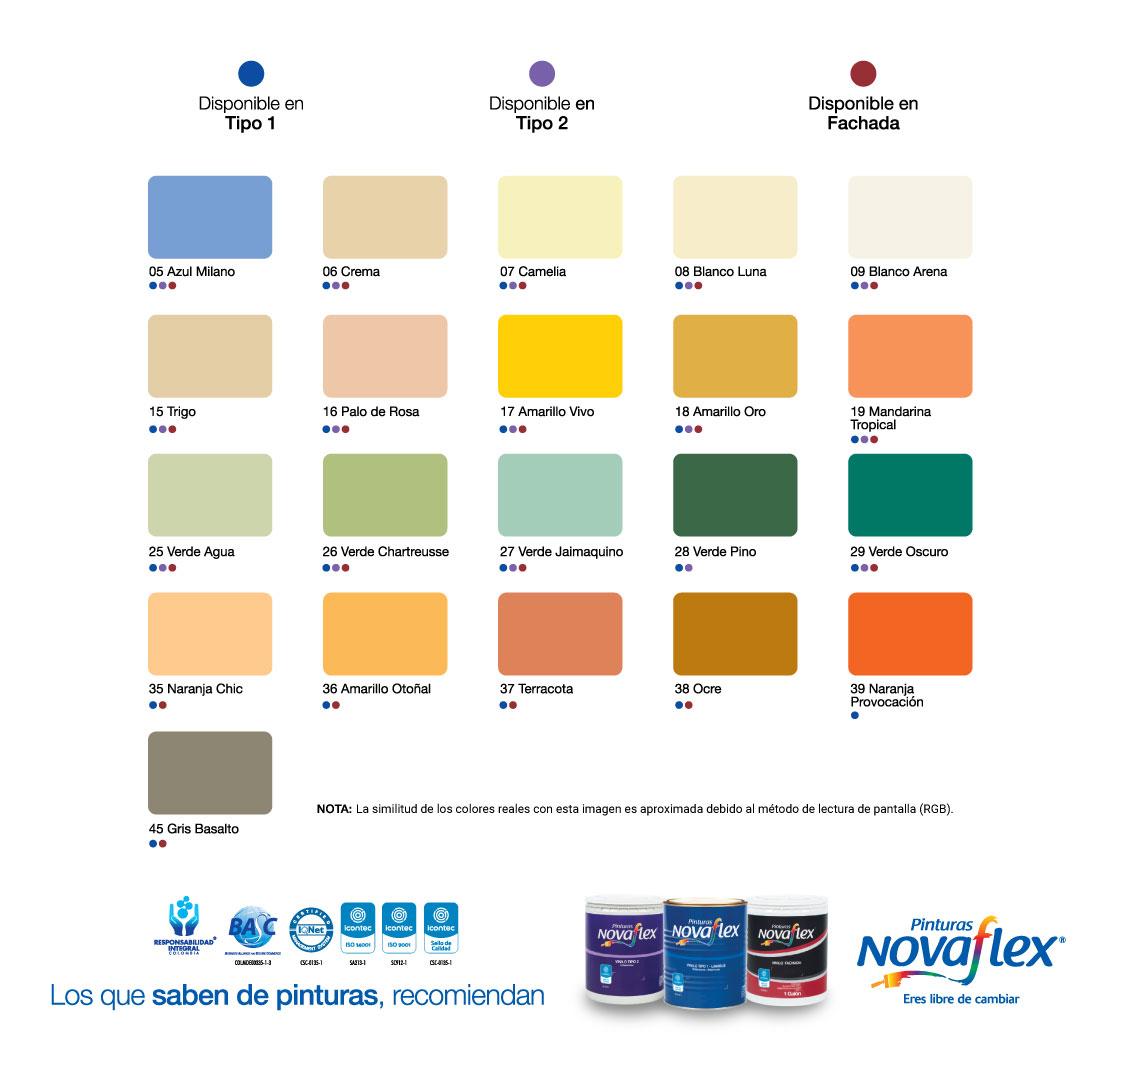 carta colores novaflex2